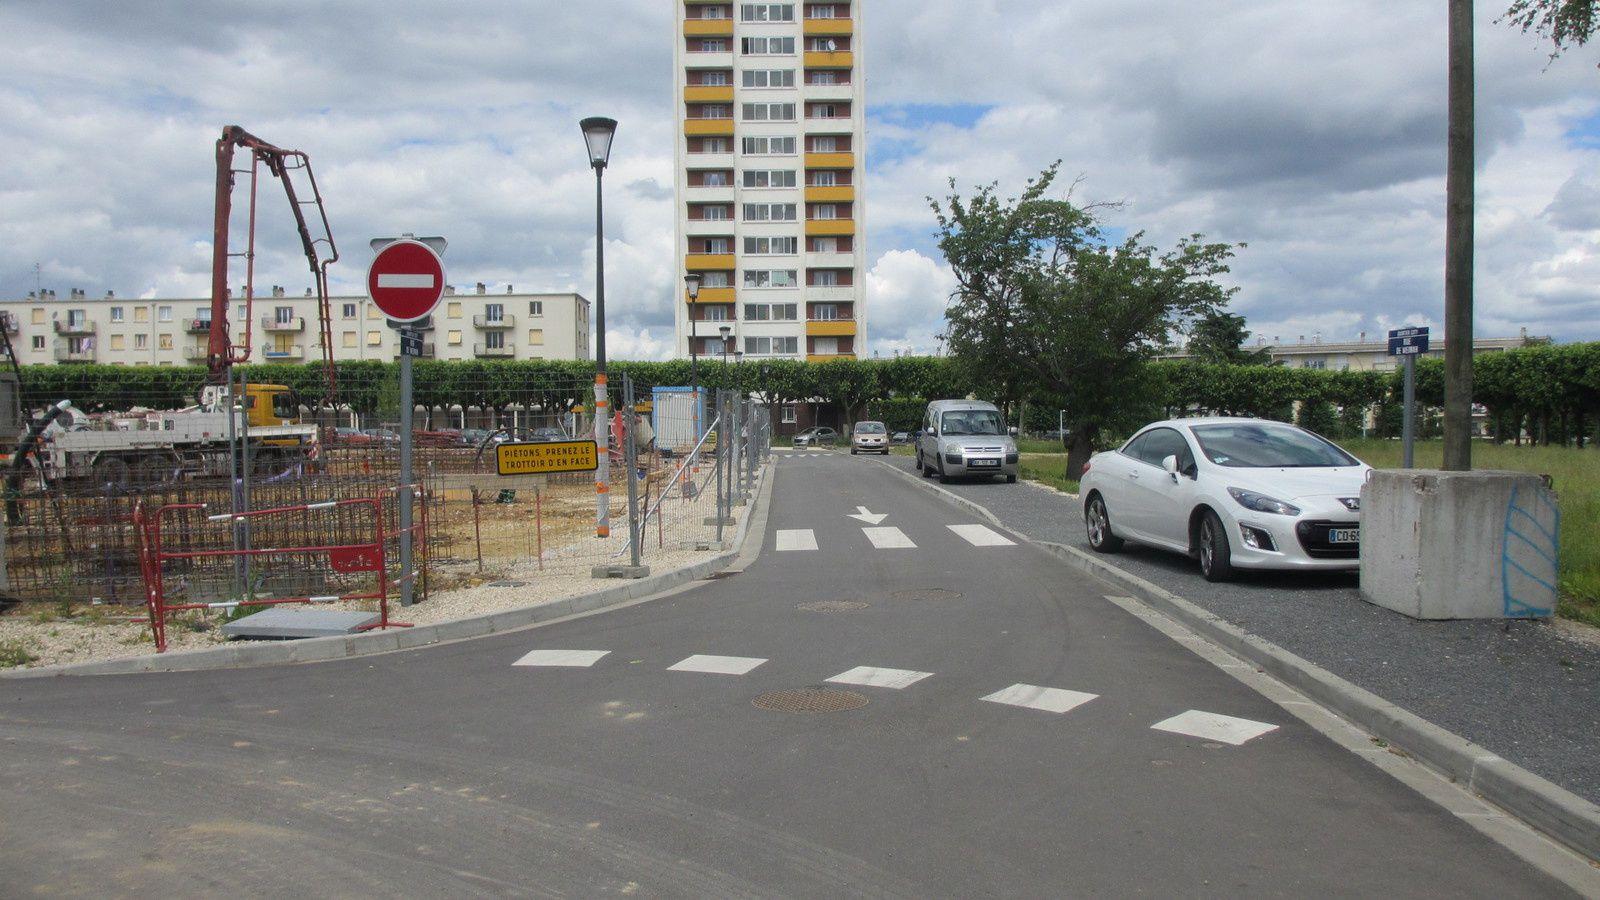 La rue du jumelage (Blois-Weimar) est-elle toujours à sens unique malgré l'arrêté municipal du 31 août 2015 ?